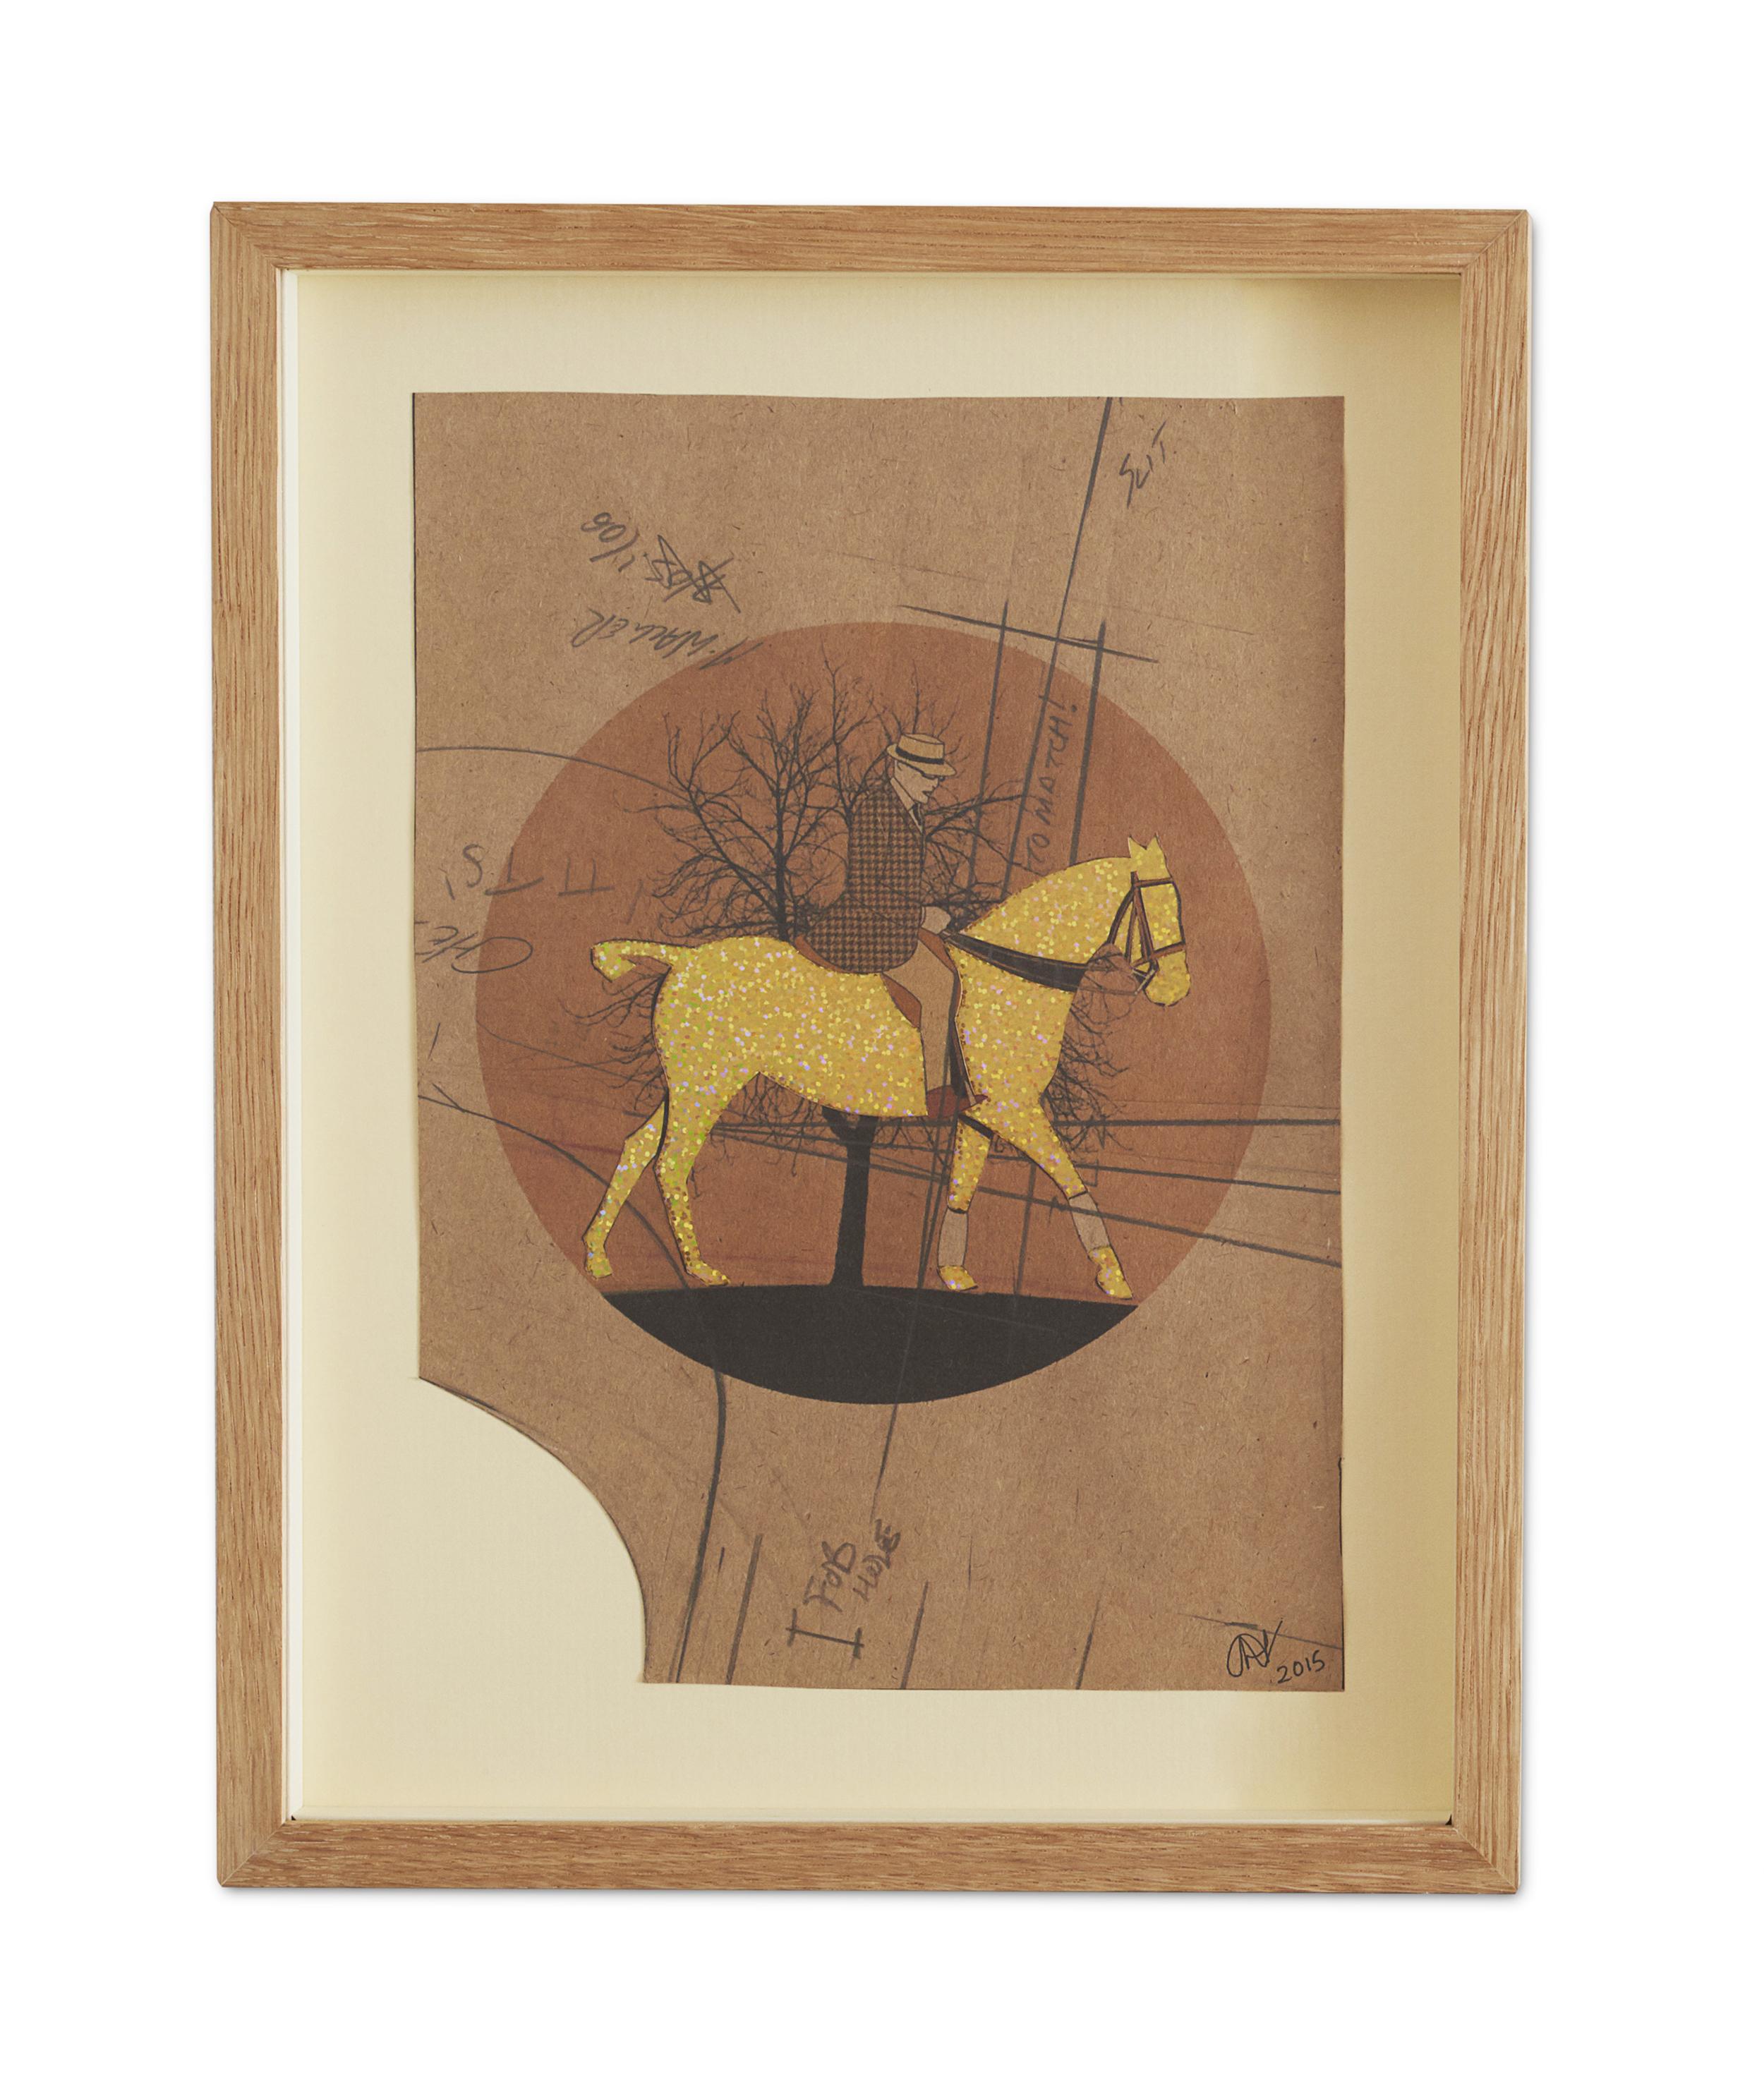 Golden Racer ,  2015  38.2 x 29.6 cm (framed) £440